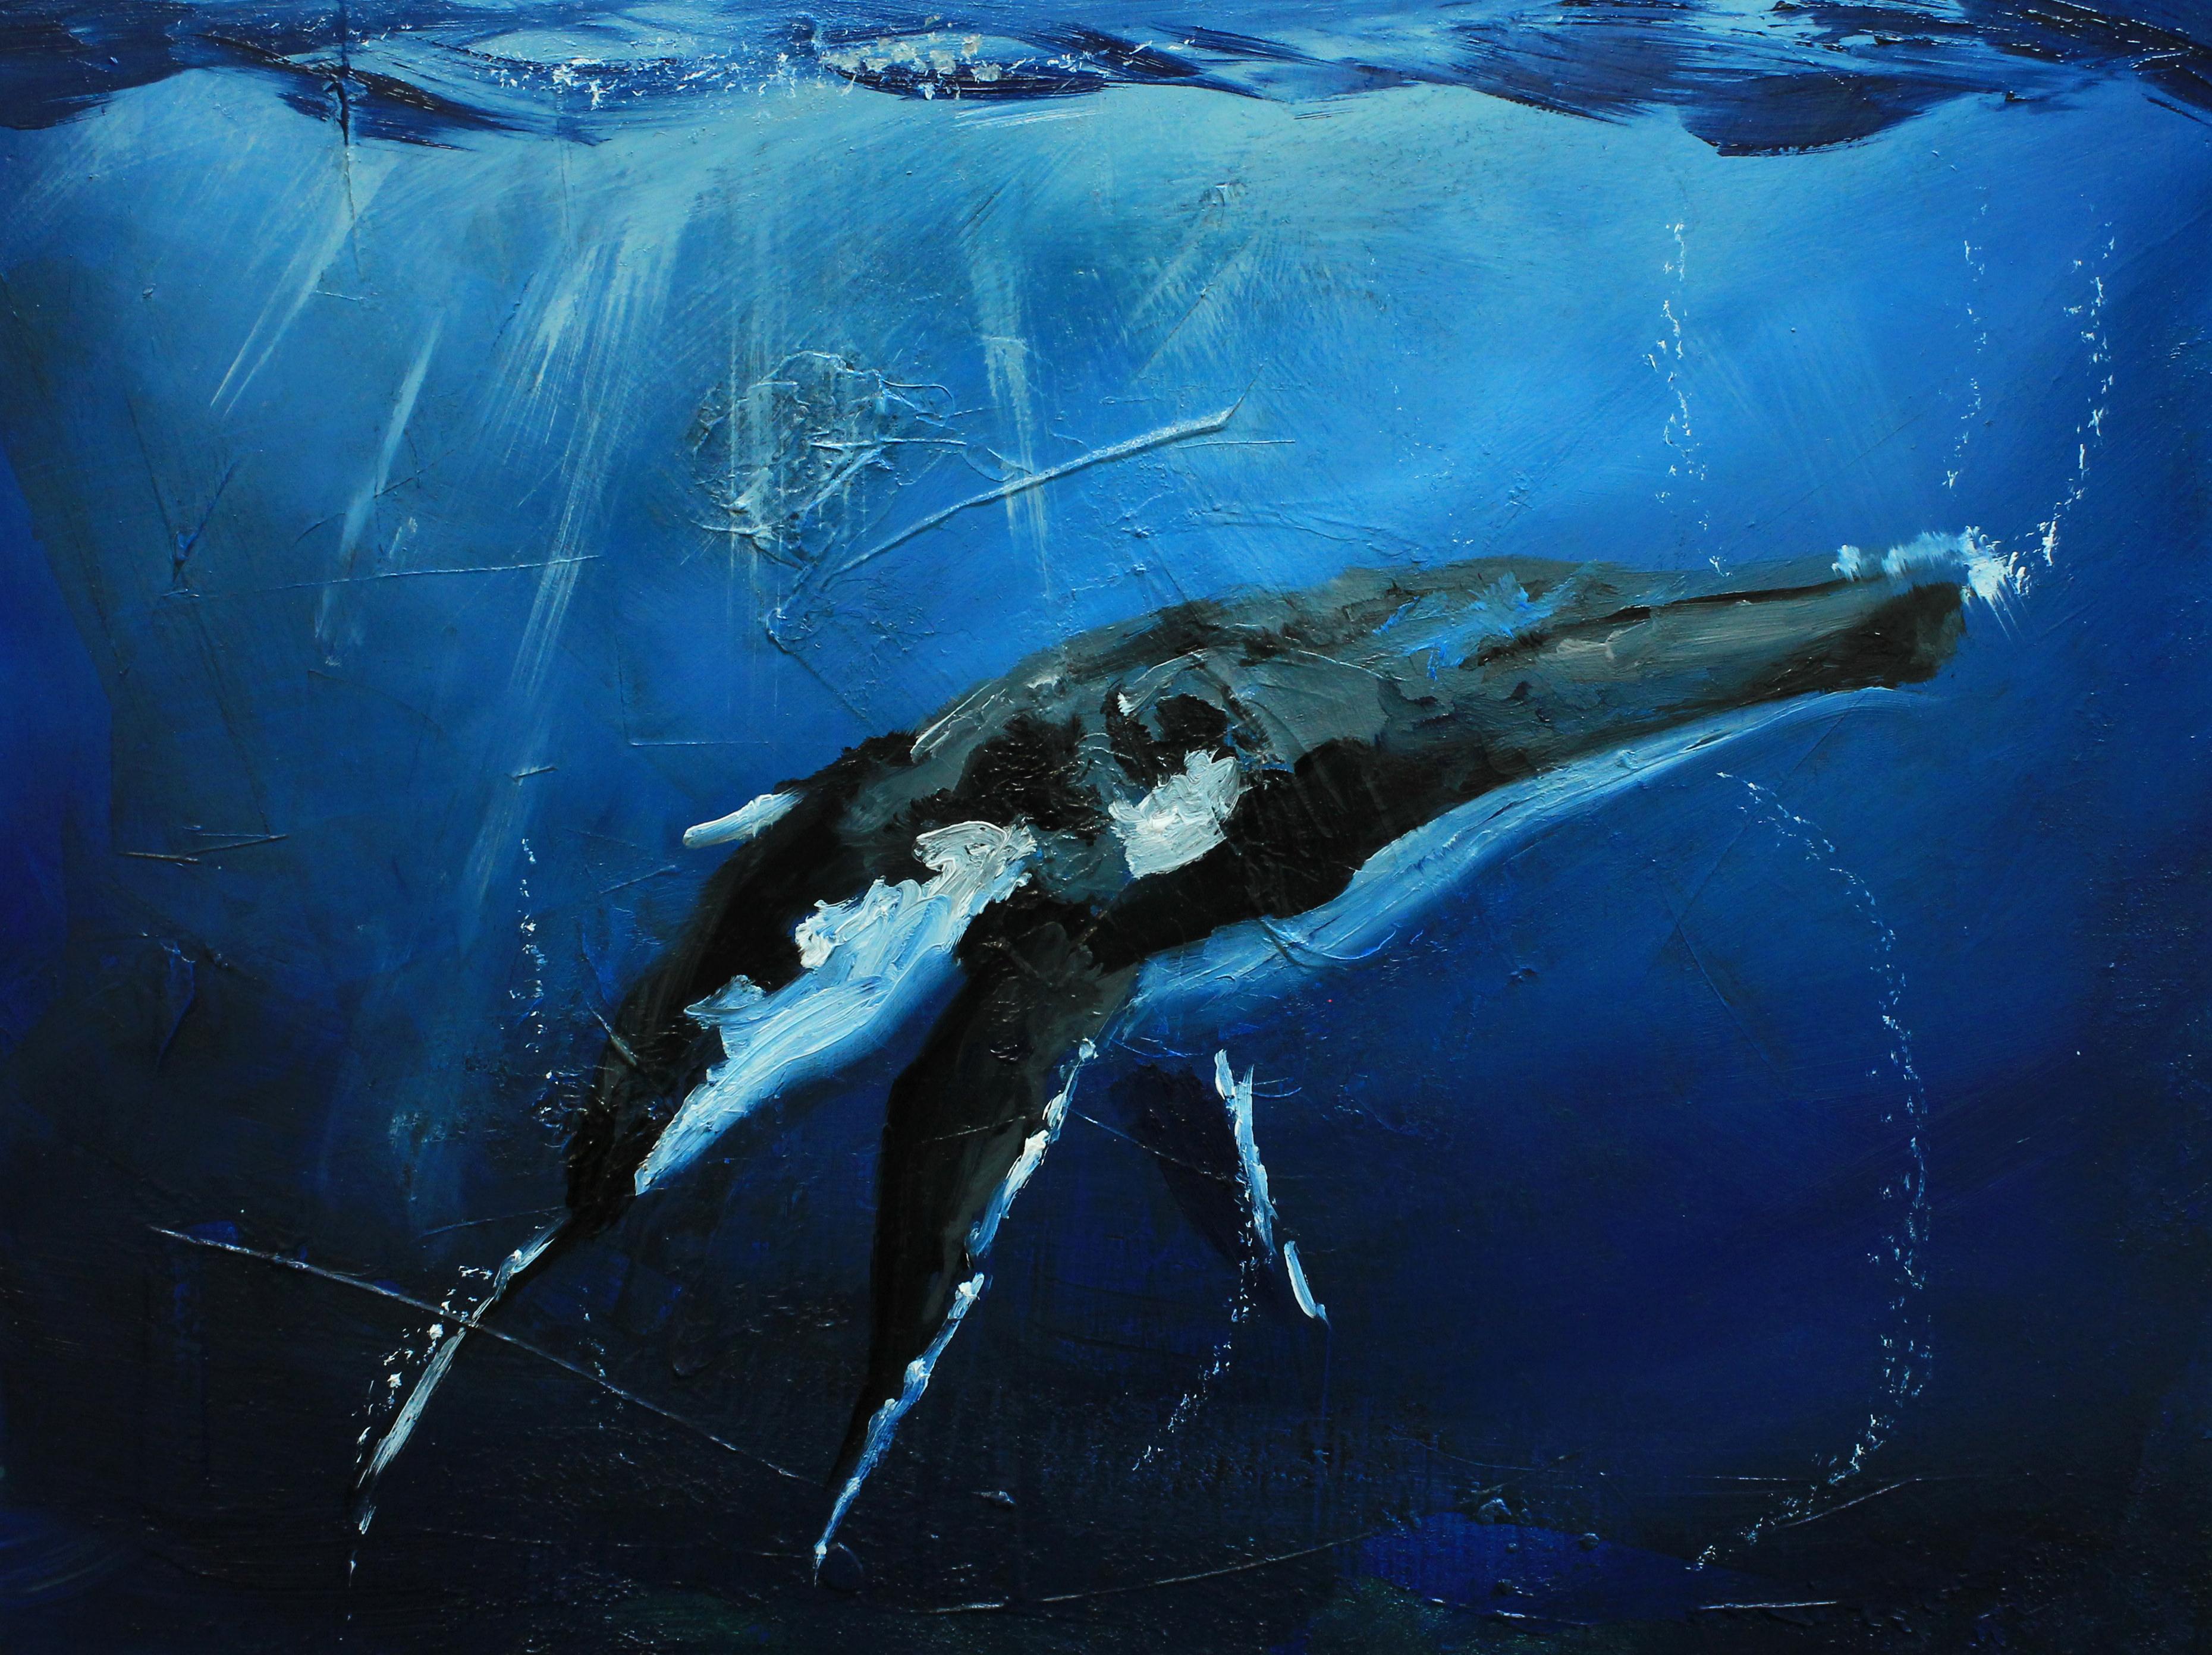 ballena azul - photo #19